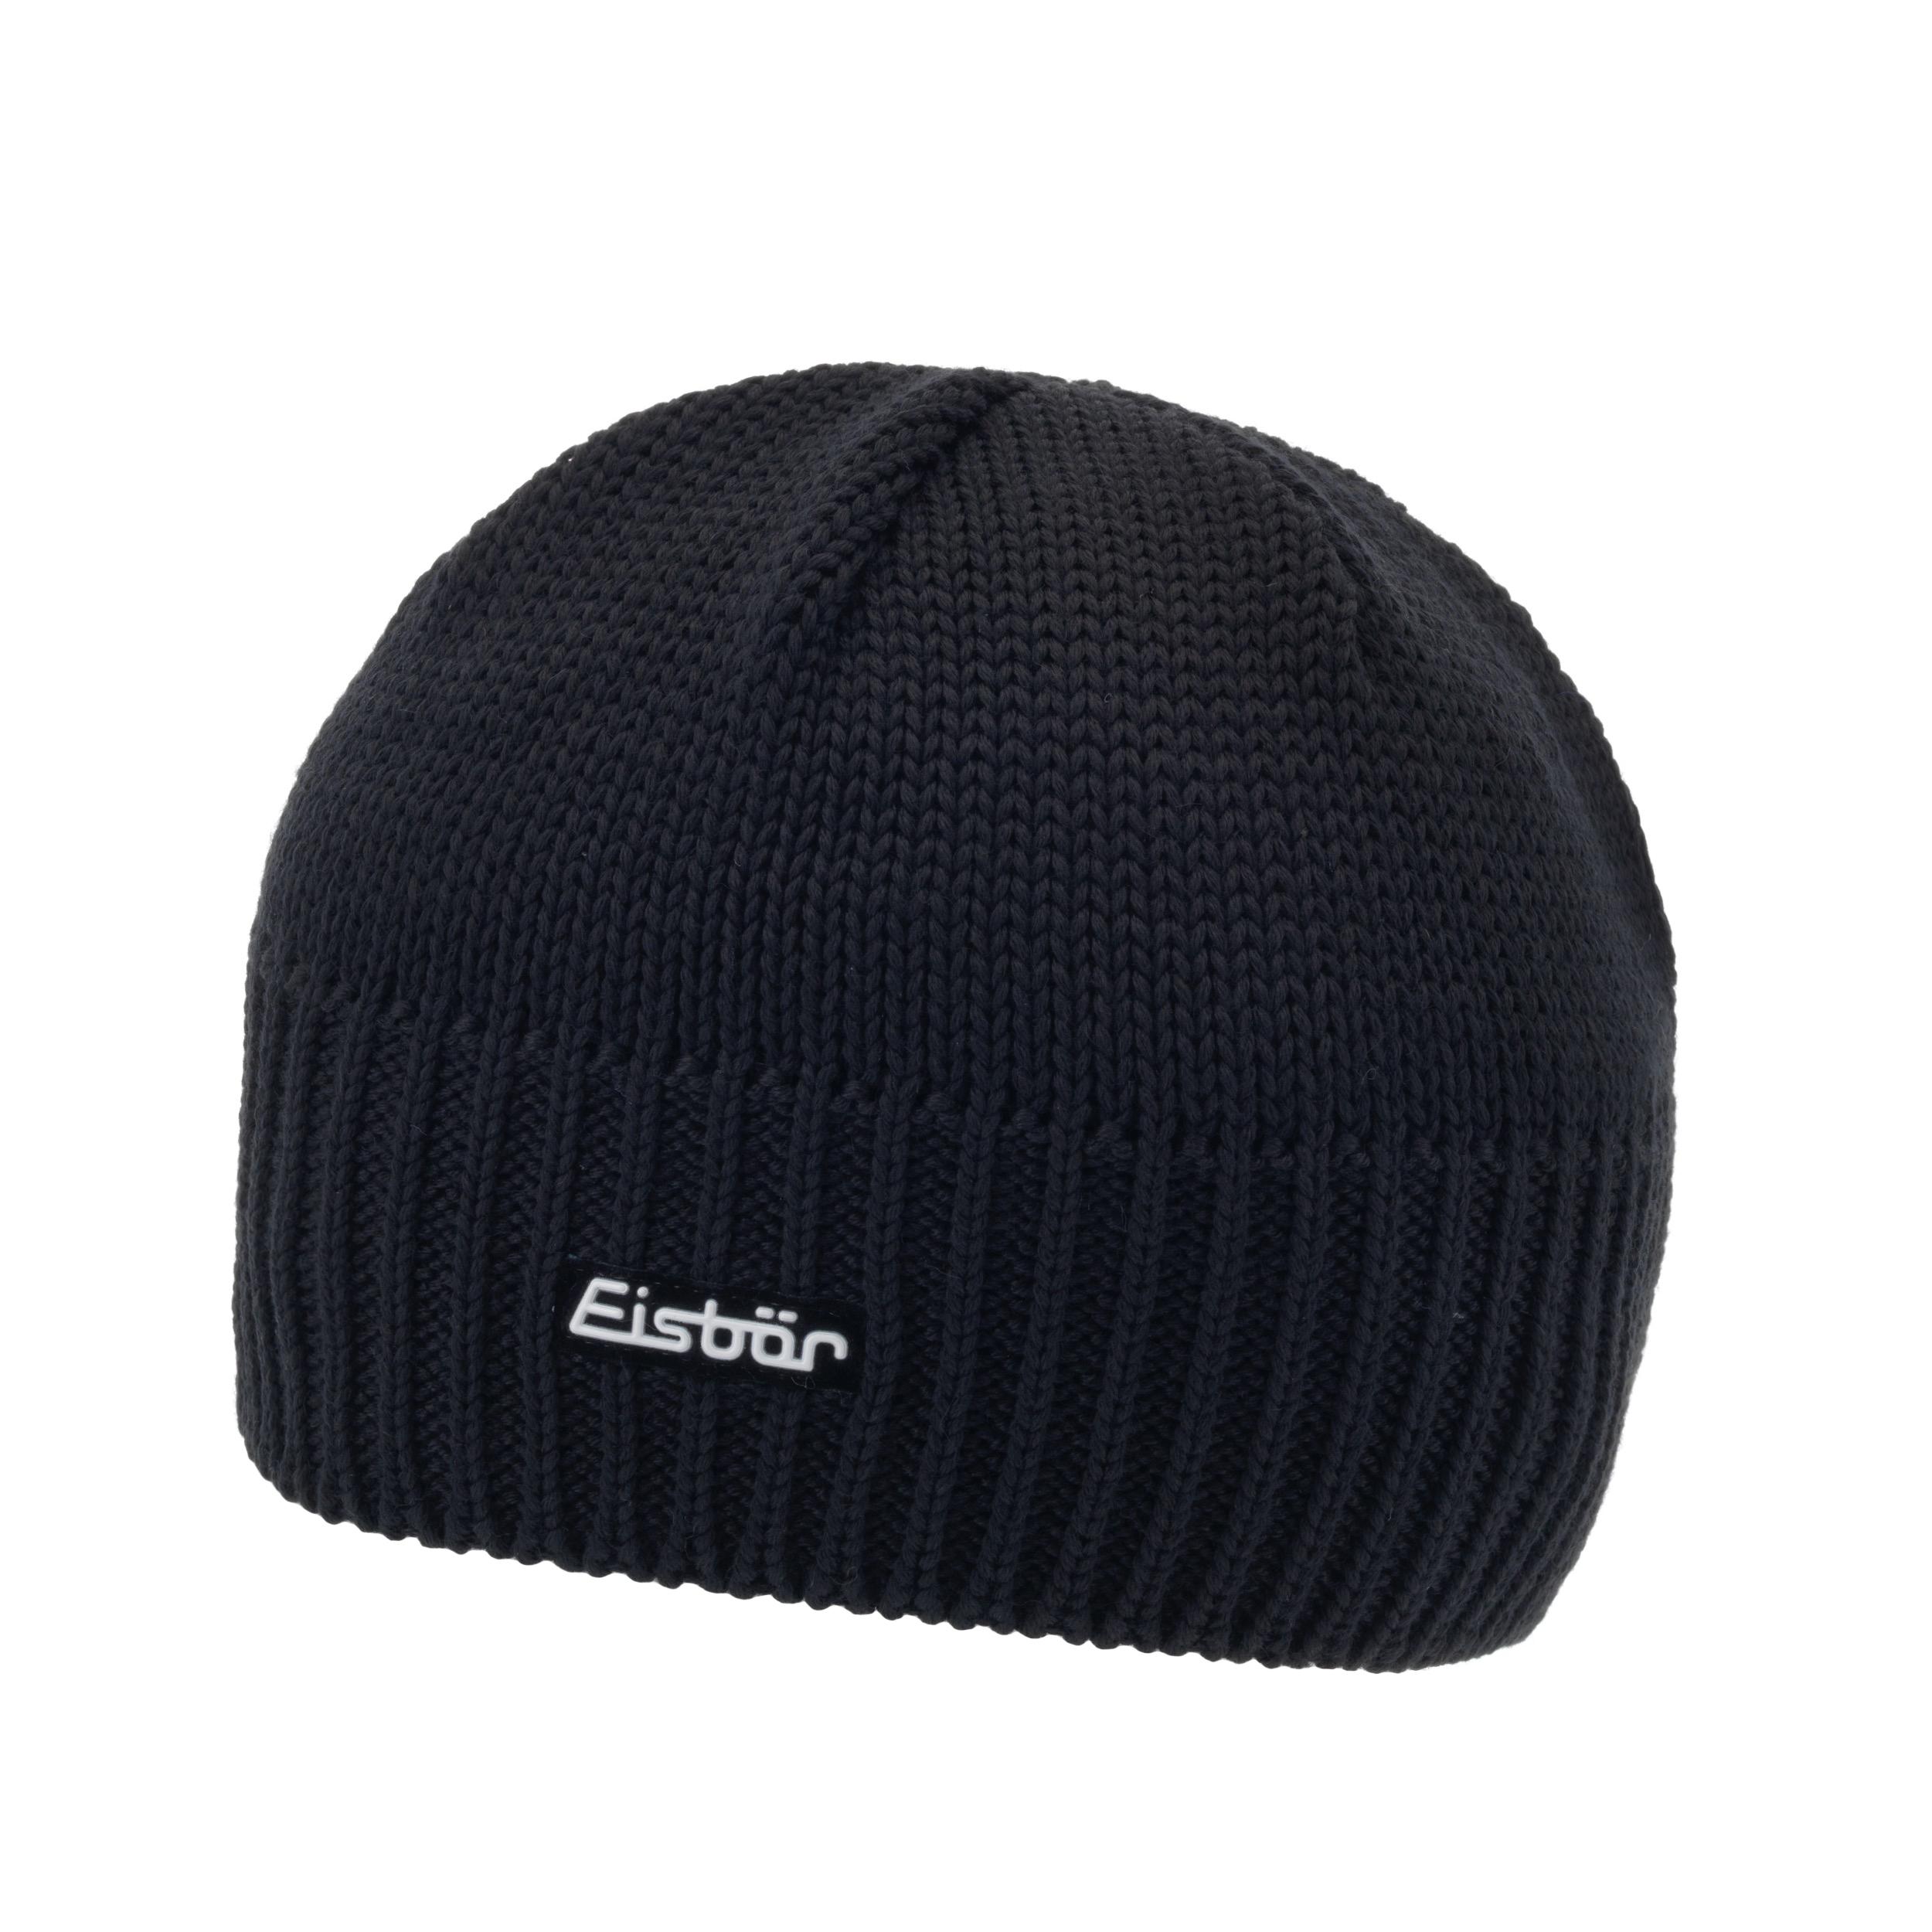 Eisbär Mütze Trop XL Fb.009